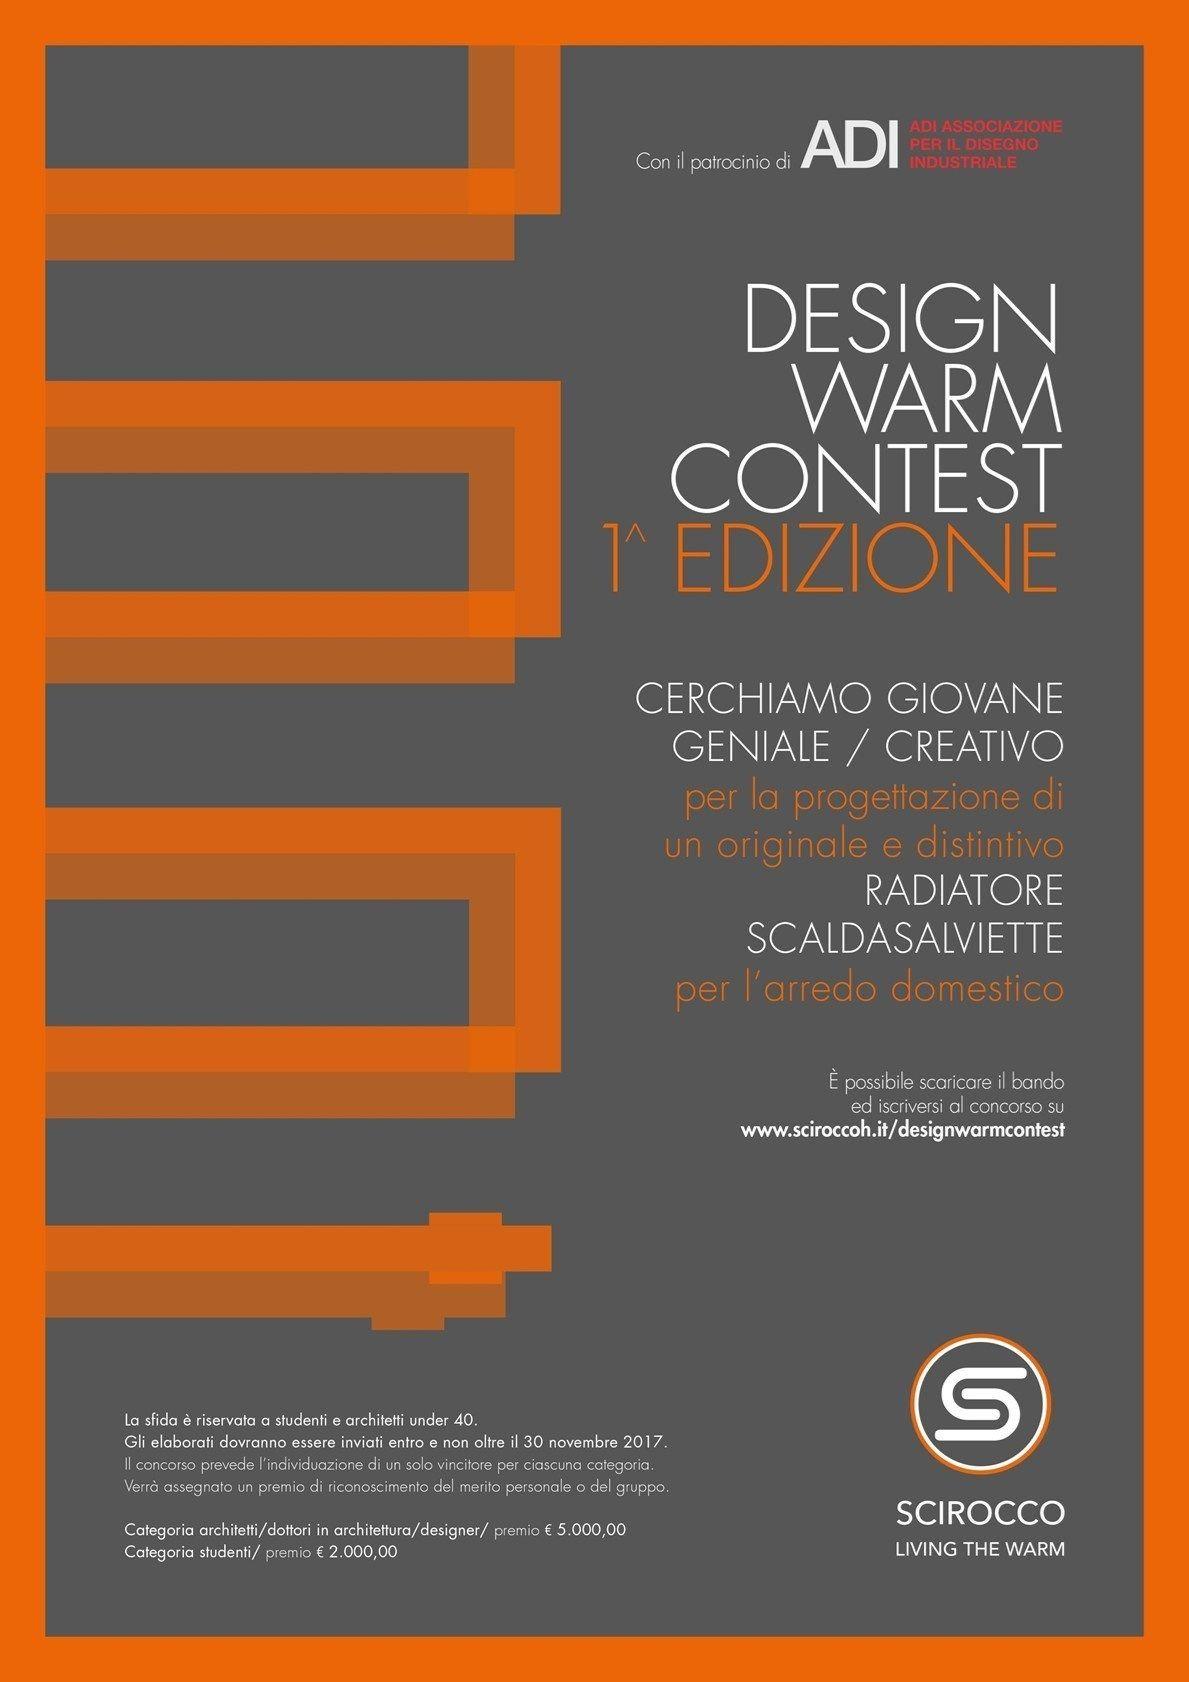 Verso la conclusione la I edizione del Design Warm Contest